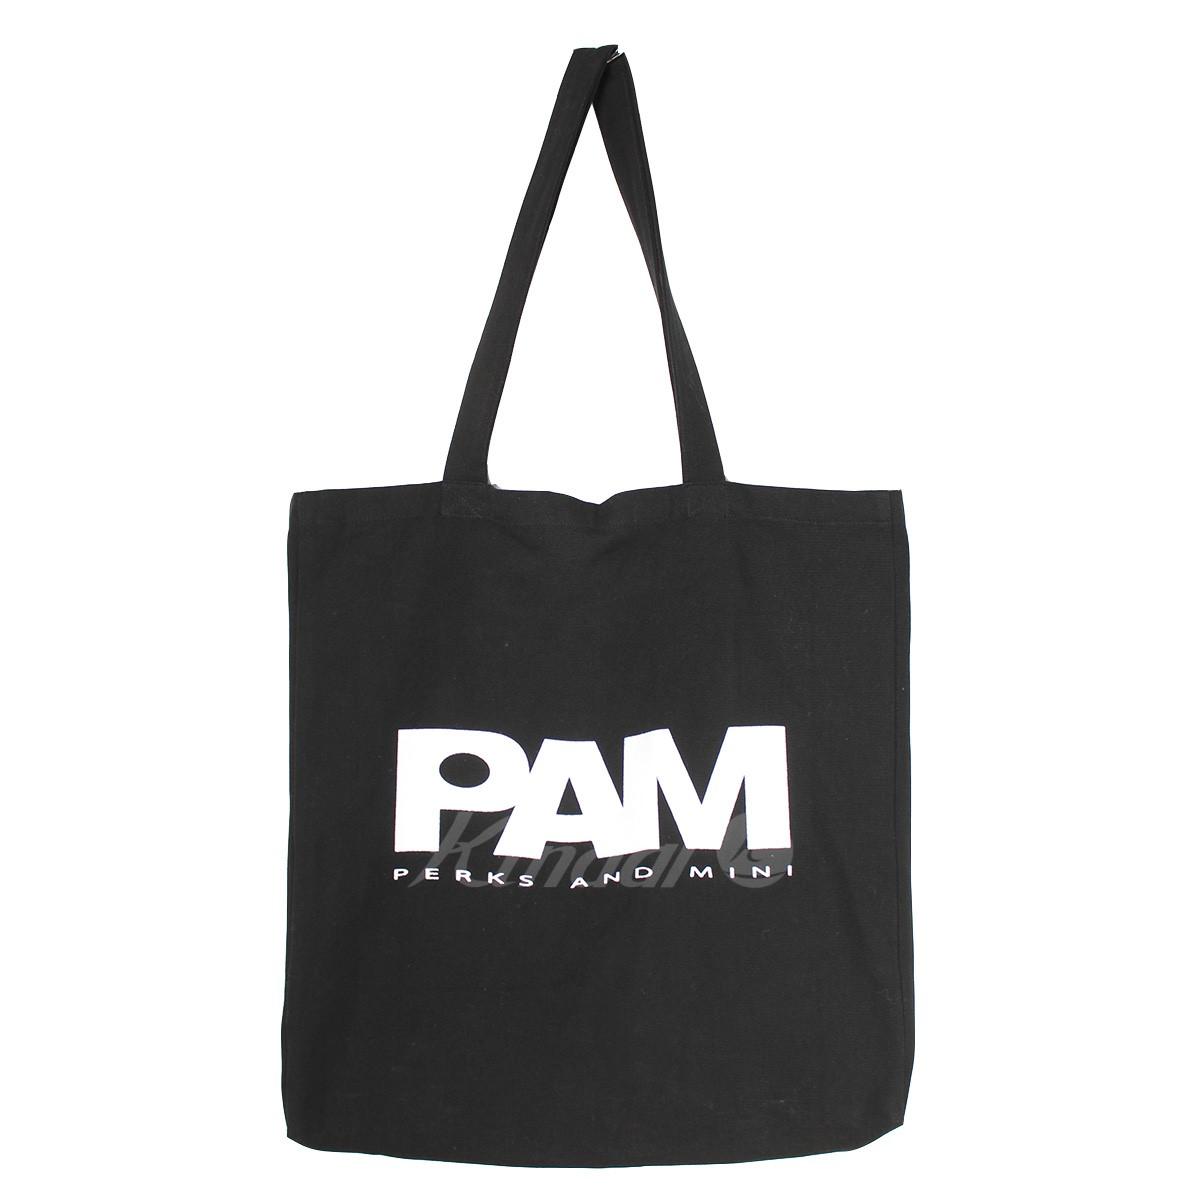 【中古】PAM 18SS ビッグロゴキャンバストートバッグ 【送料無料】 【009262】 【KIND1641】